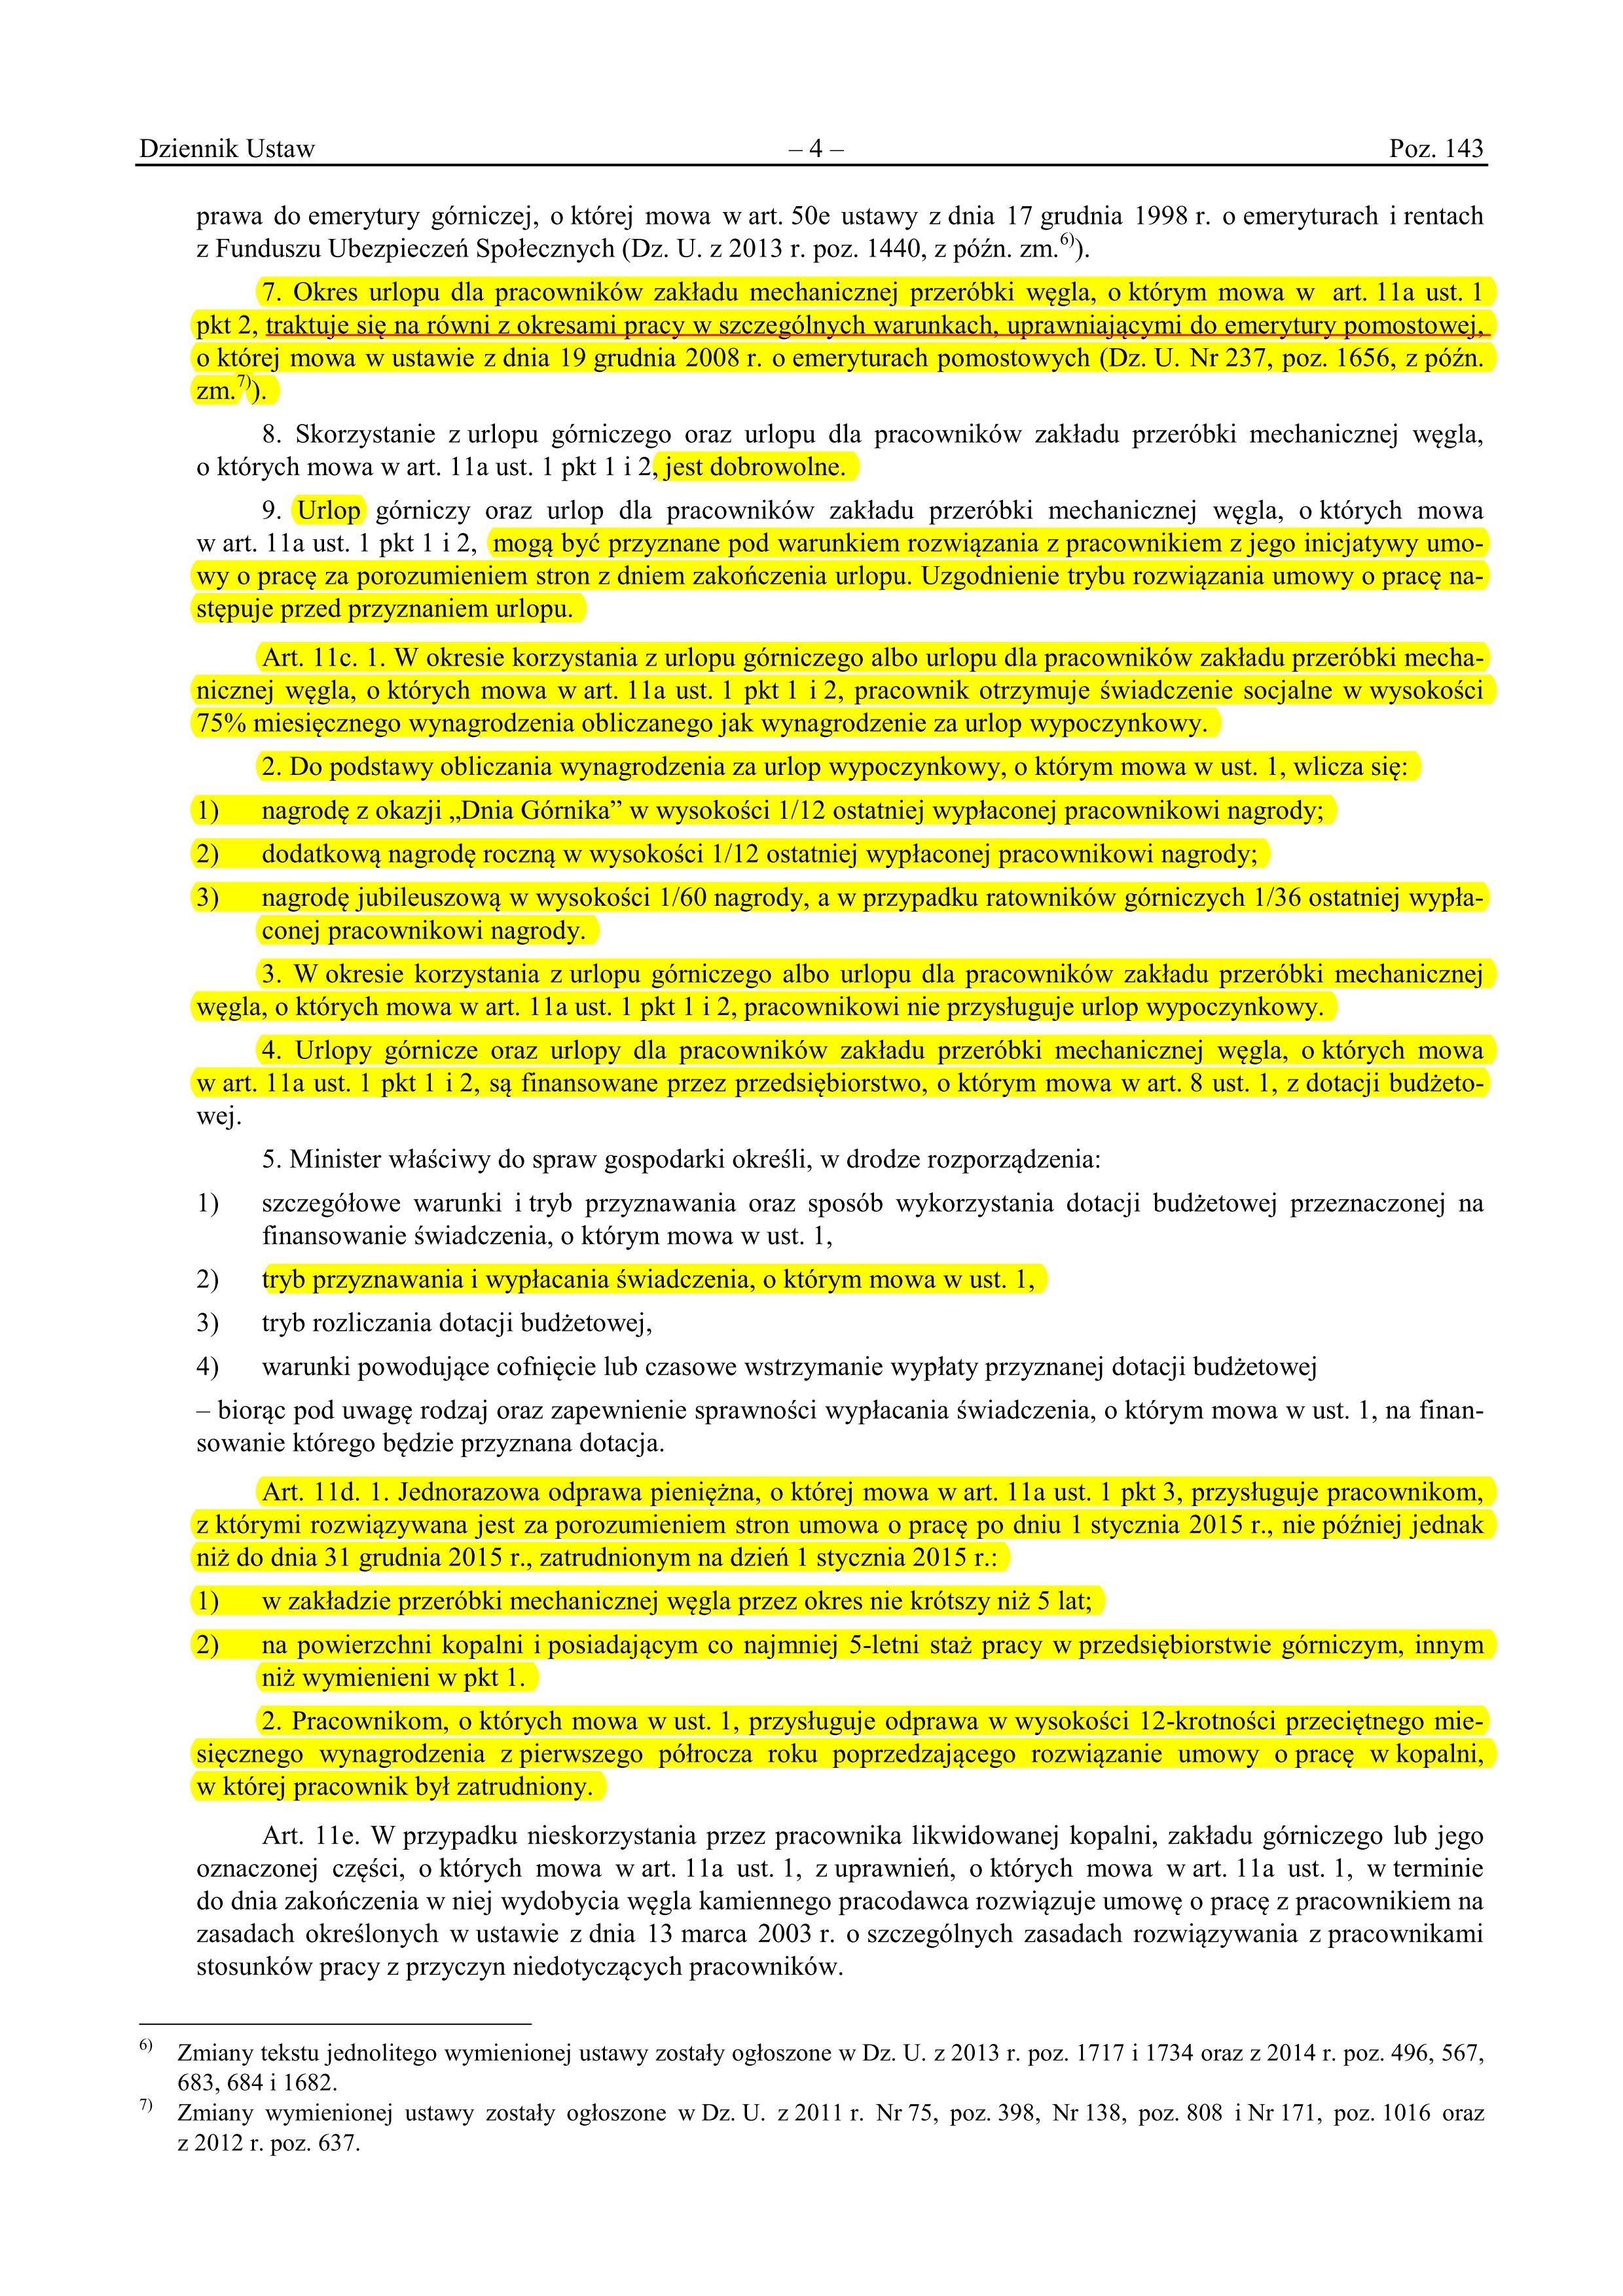 Ustawa-gornicza-wraz-z-zapisami-dla-ZPMW_D20150143_04